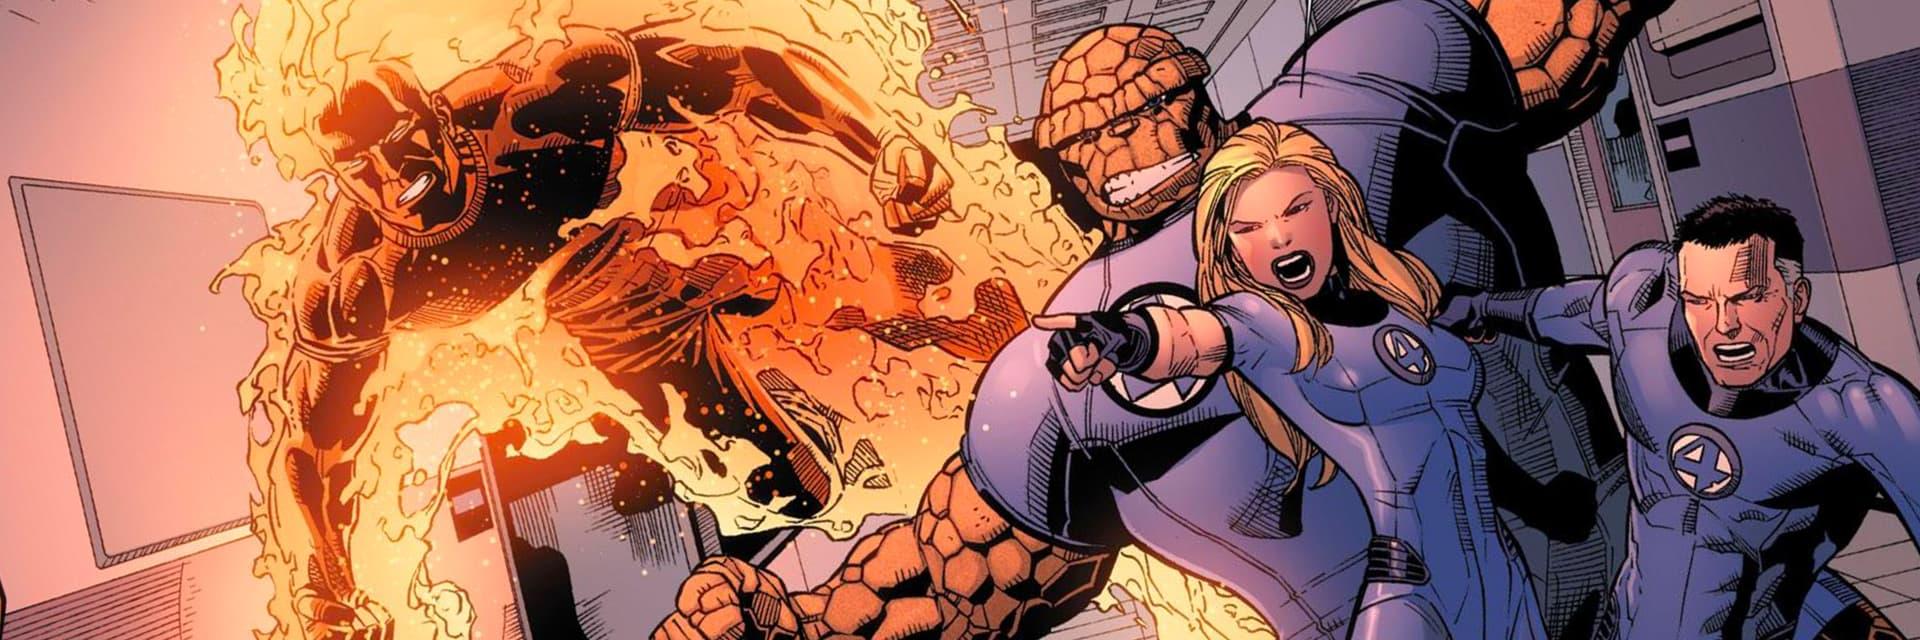 Fantastic Four In Comics Members Enemies Powers Marvel